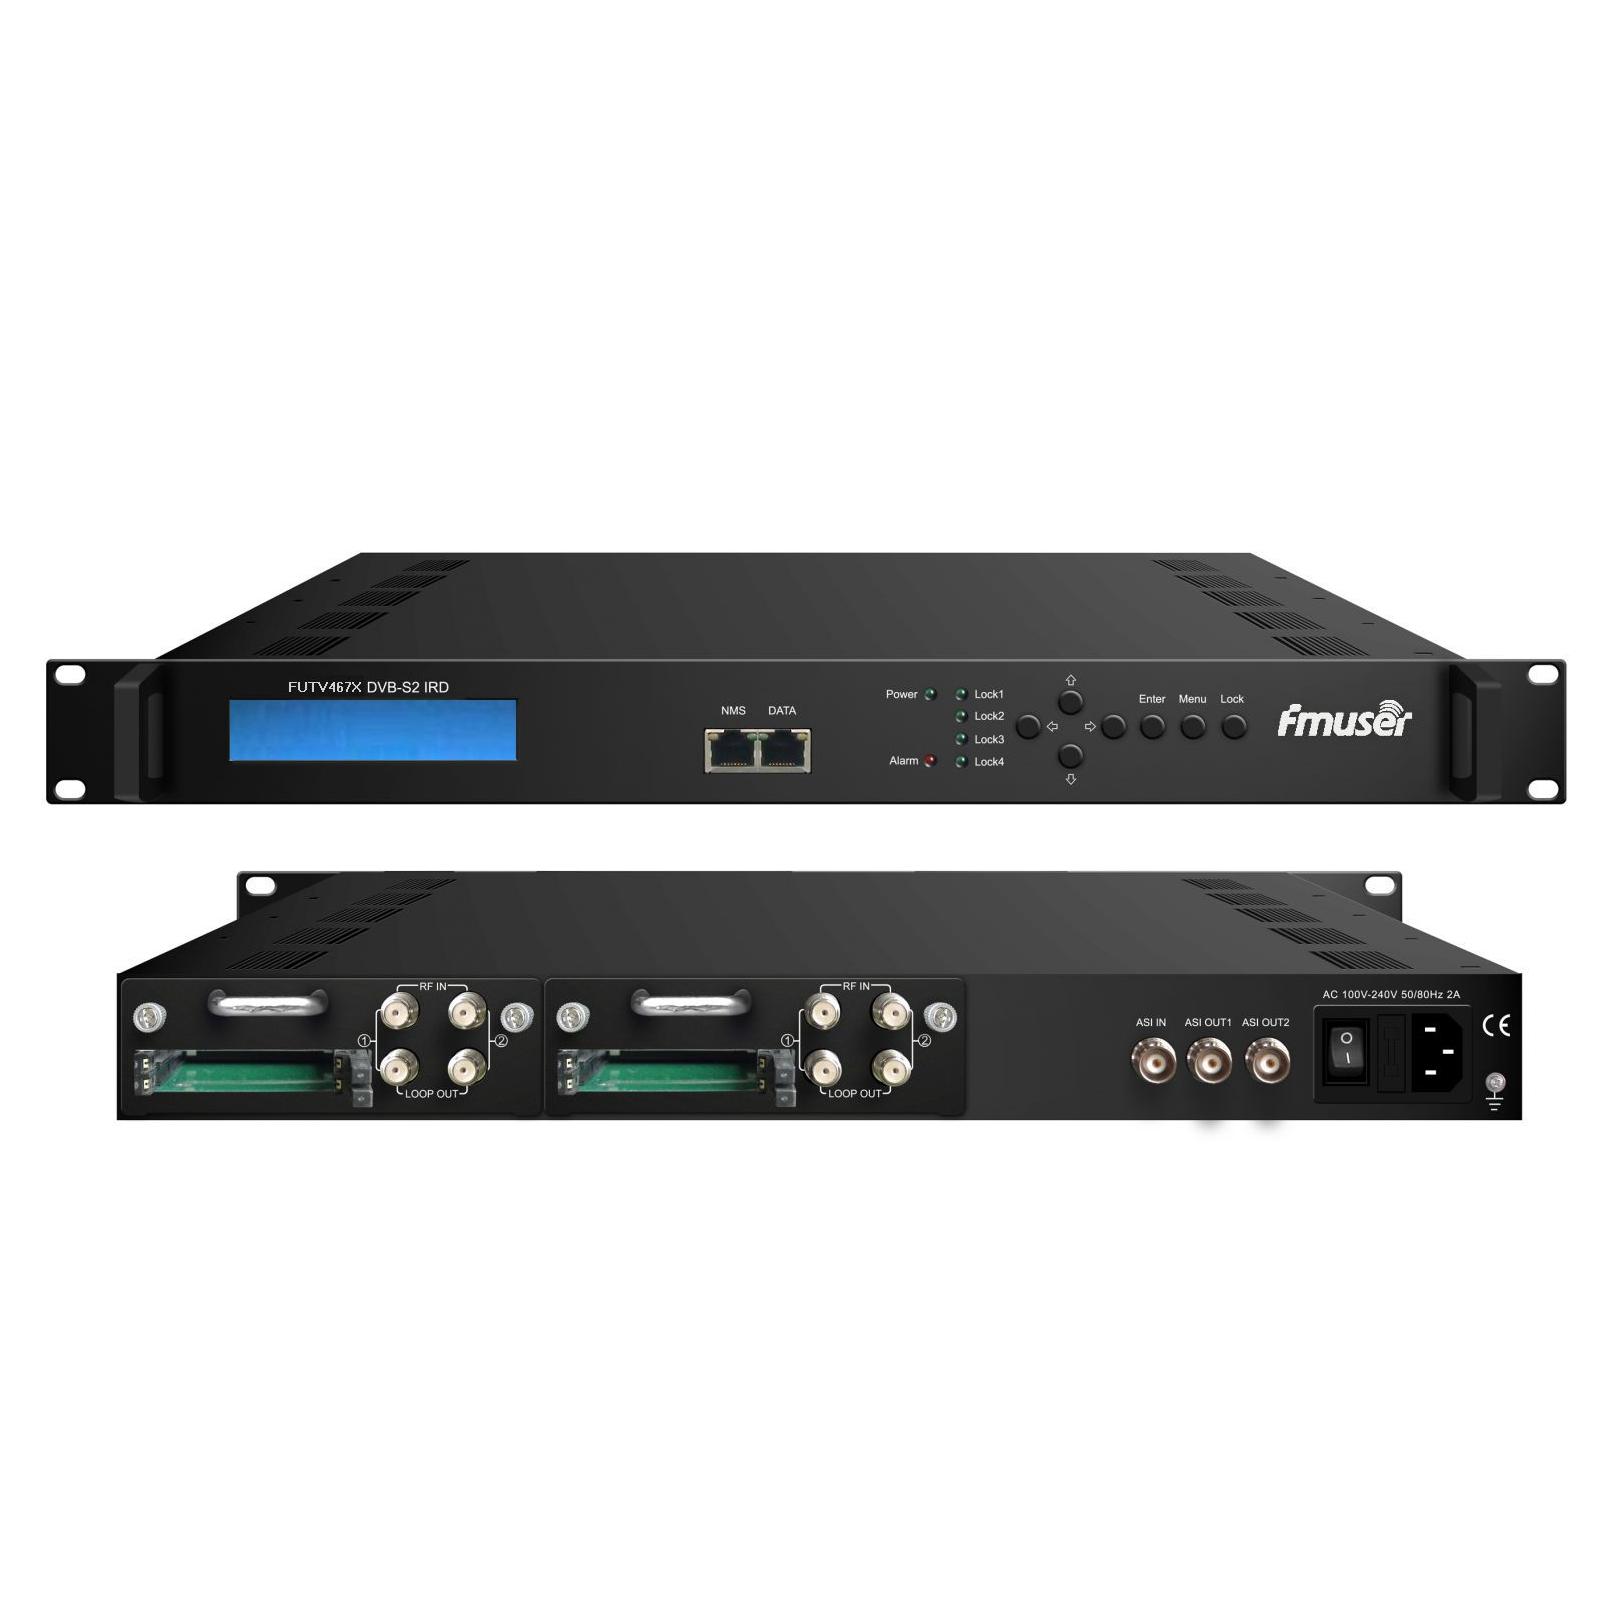 FMUSER FUTV467X 4 тунер CAM IRD (4 DVB-C / T / S / S2 RF вход, 1 ASI IP вход, 2 ASI 1 IP изход) с MUX